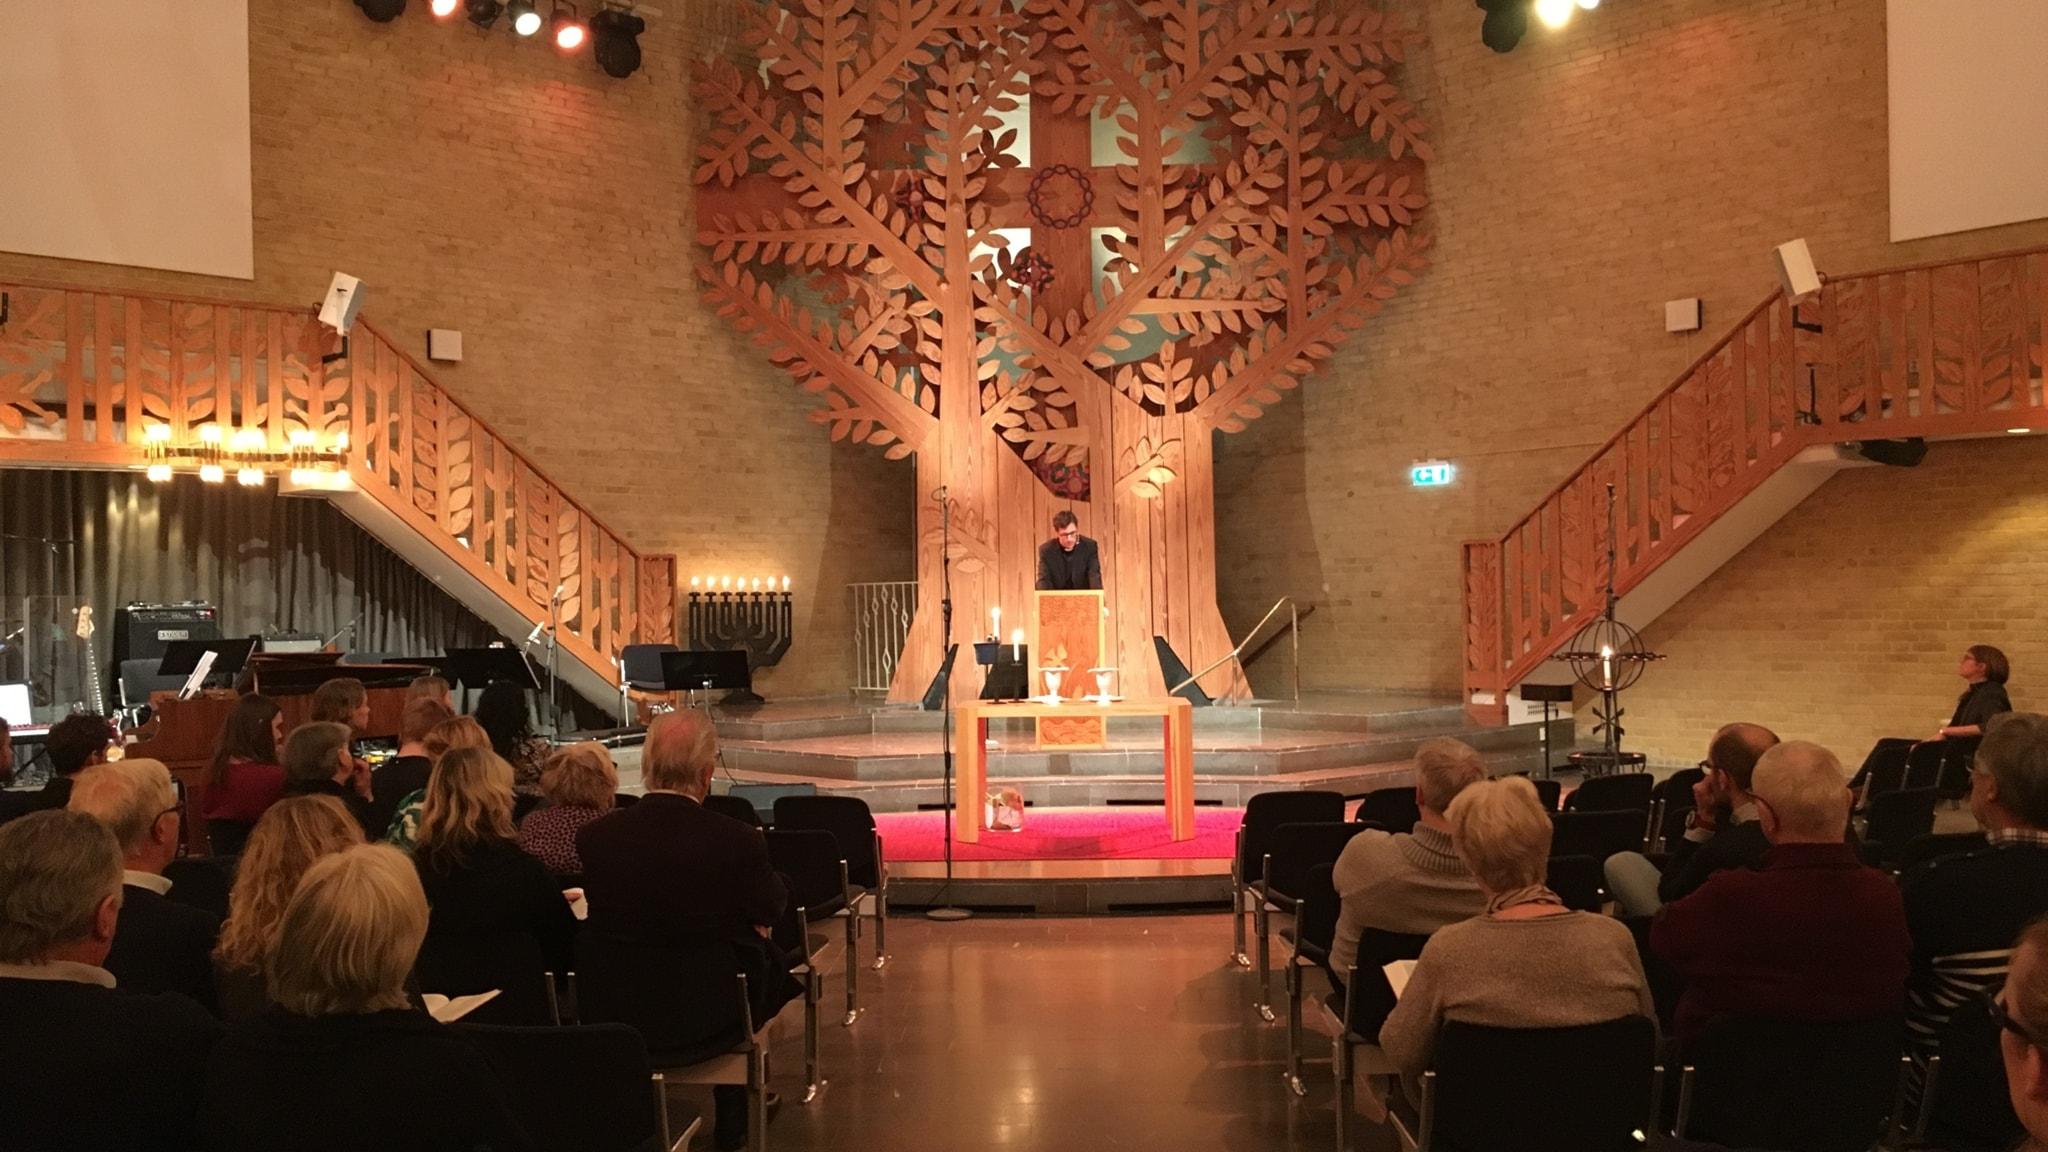 Härlighet och ljus – julaftonsgudstjänst från Saronkyrkan i Göteborg.